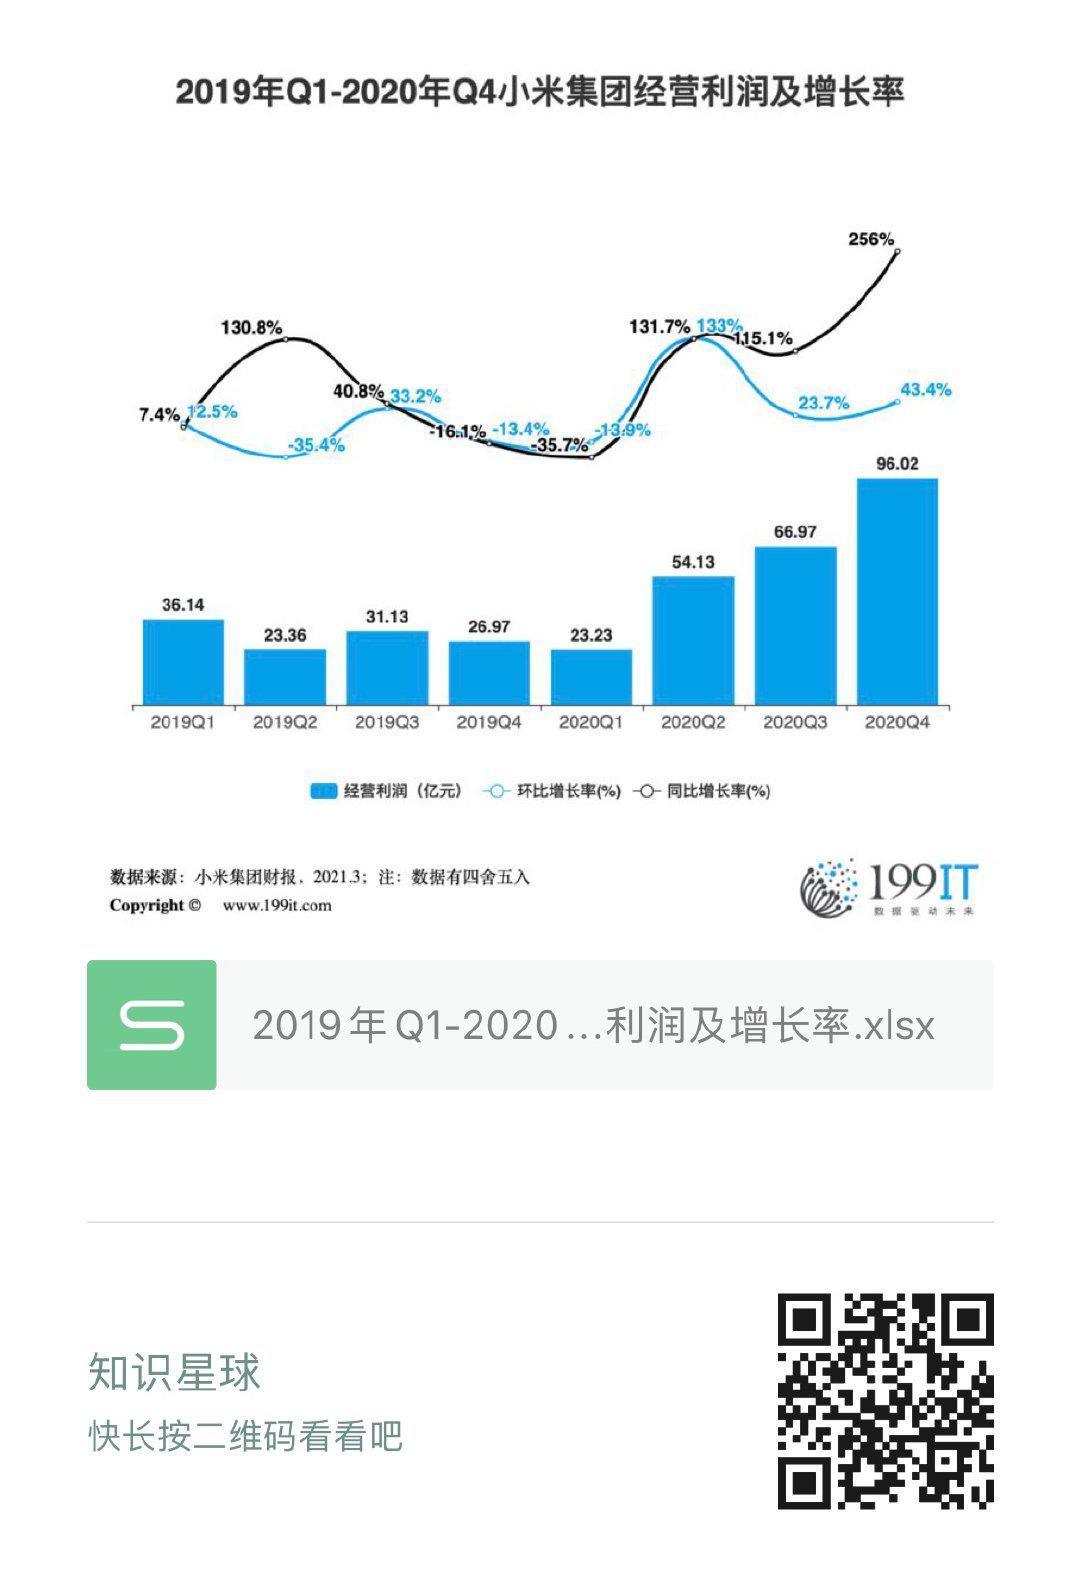 2019年Q1-2020年Q4小米集團經營利潤及增長率(附原資料表) 